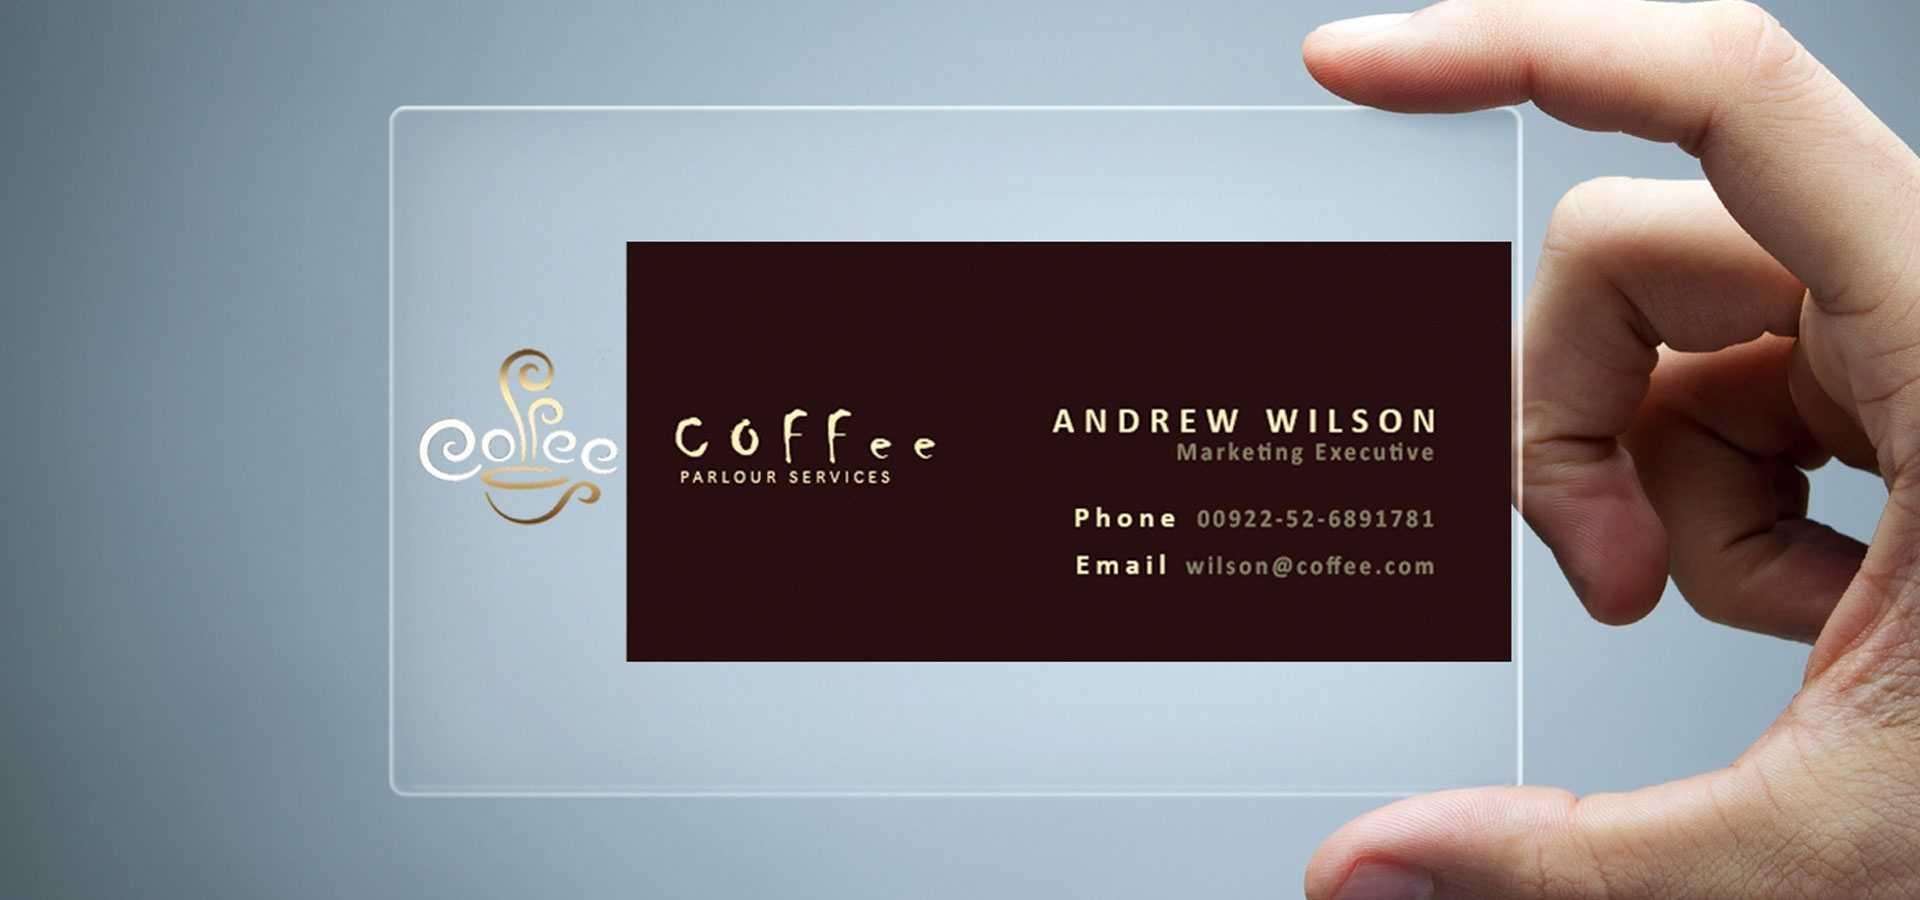 26+ Transparent Business Card Templates - Illustrator, Ms Regarding Transparent Business Cards Template